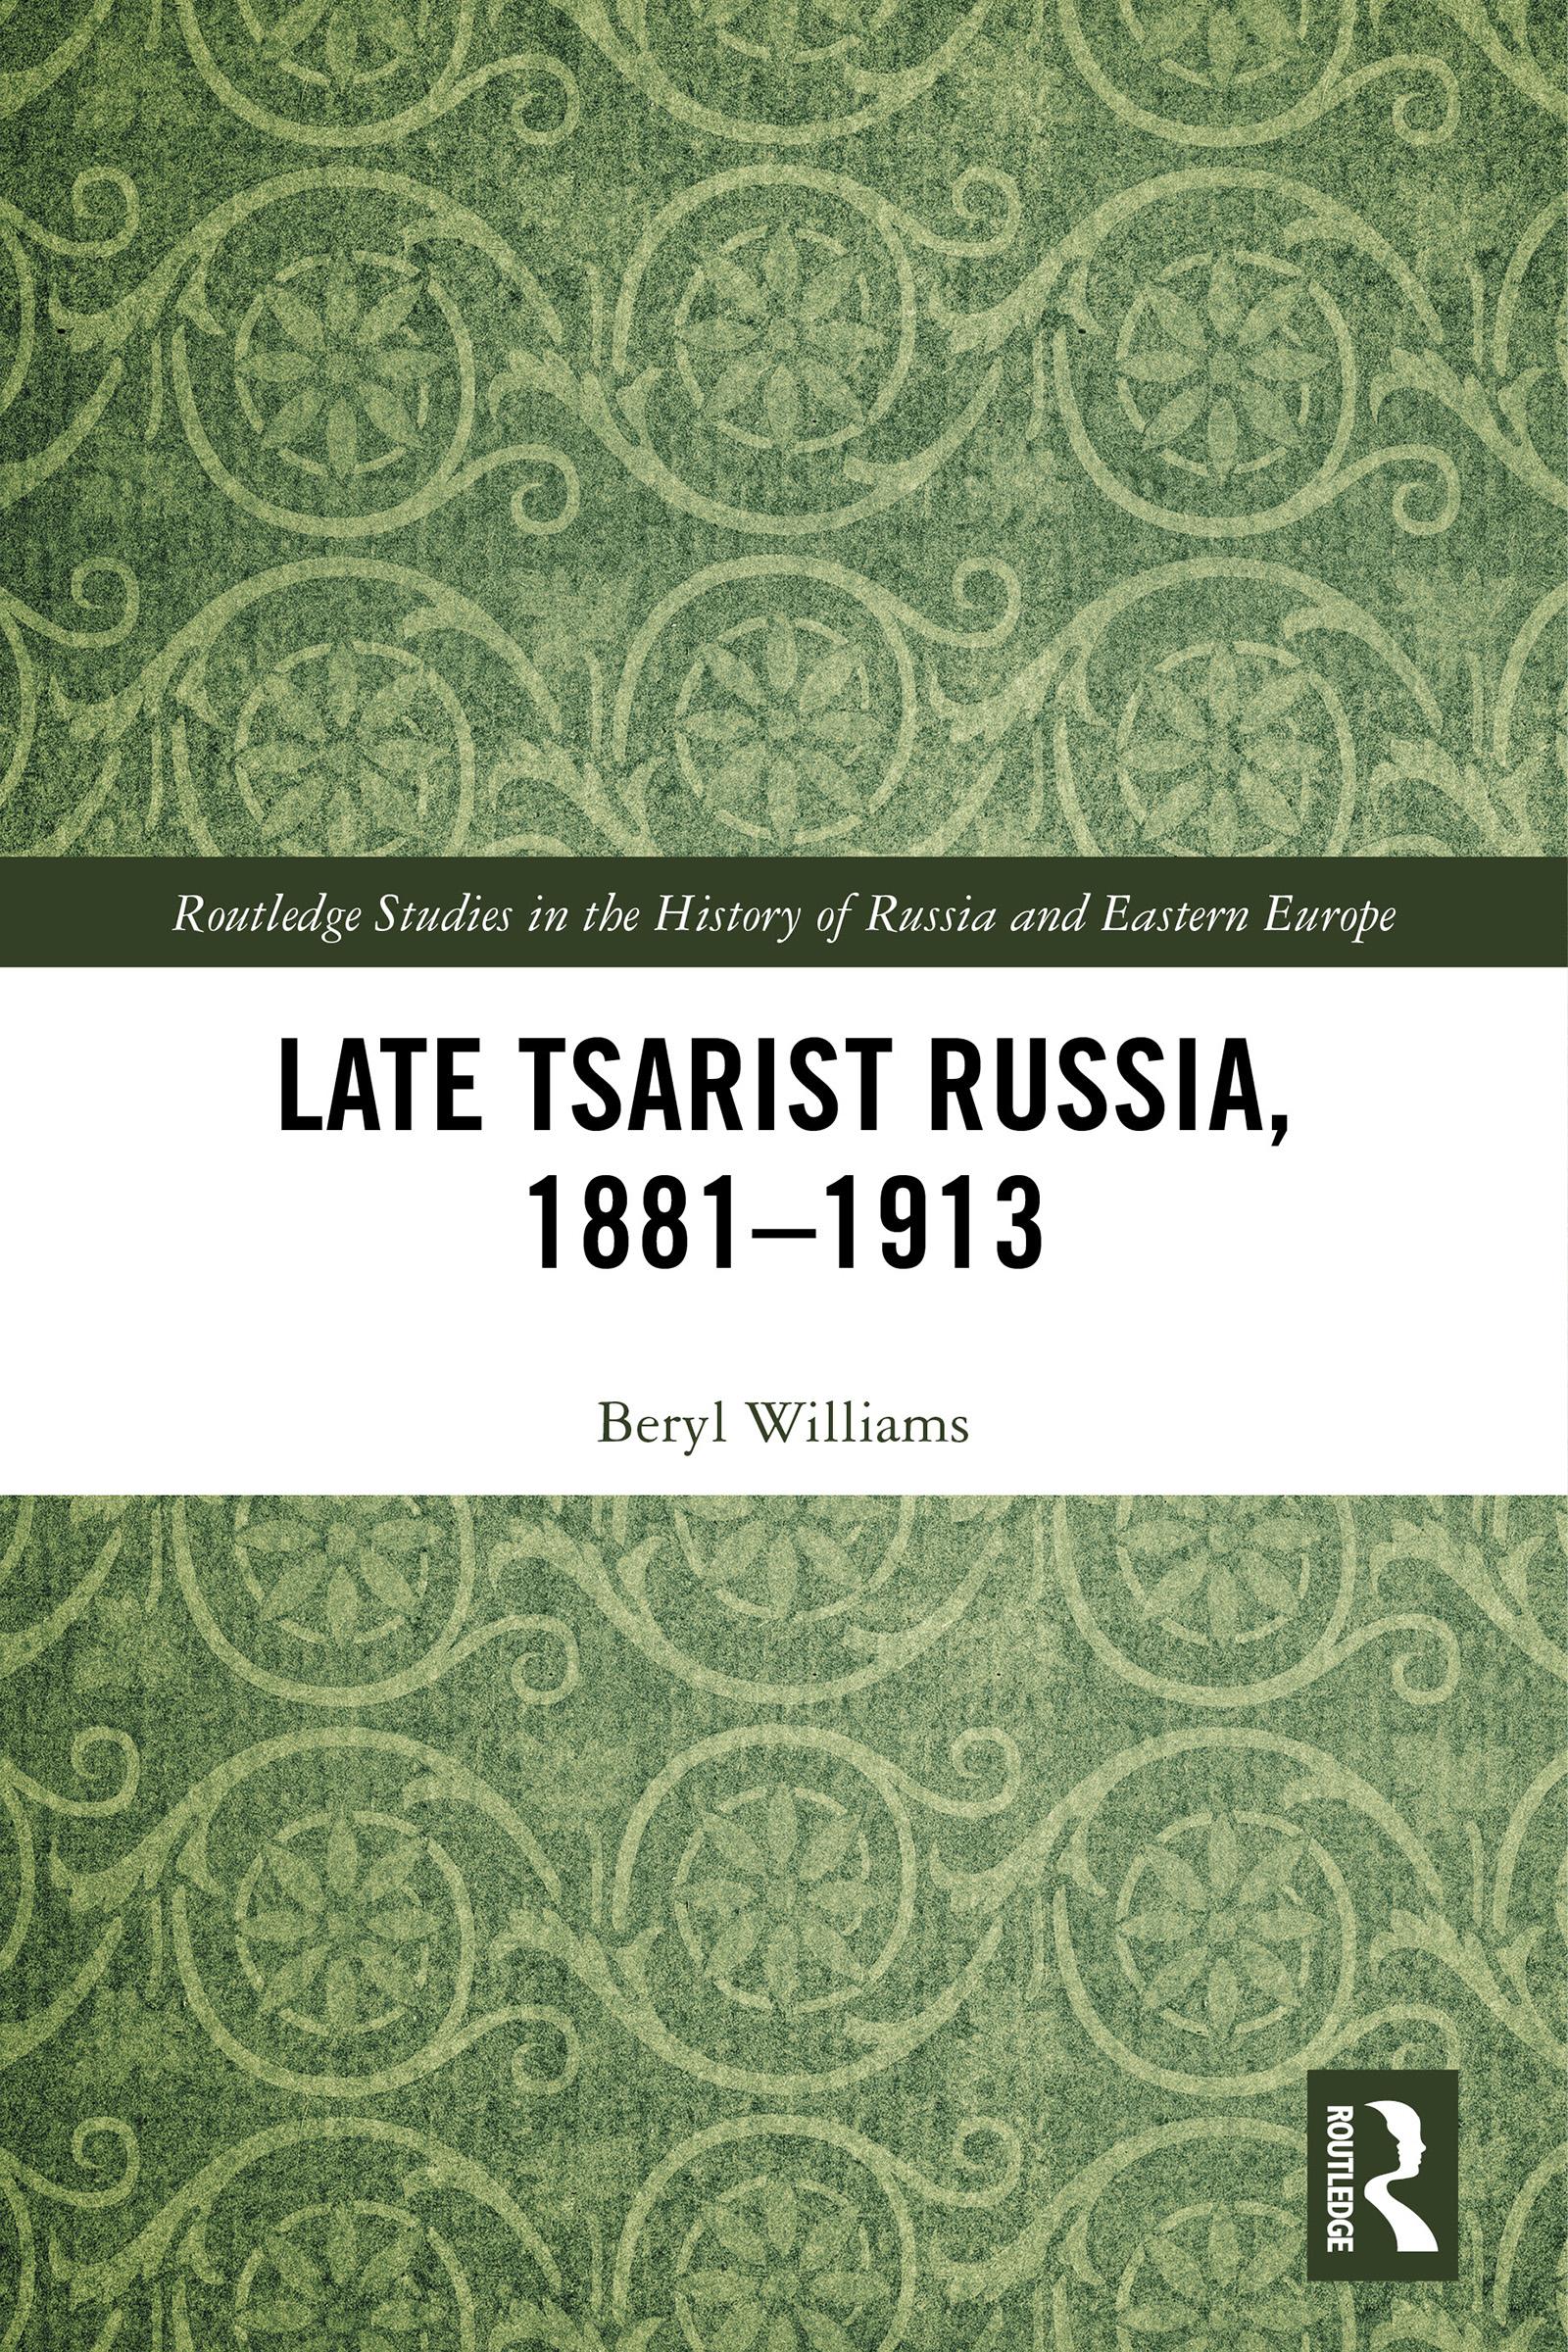 Late Tsarist Russia, 1881–1913